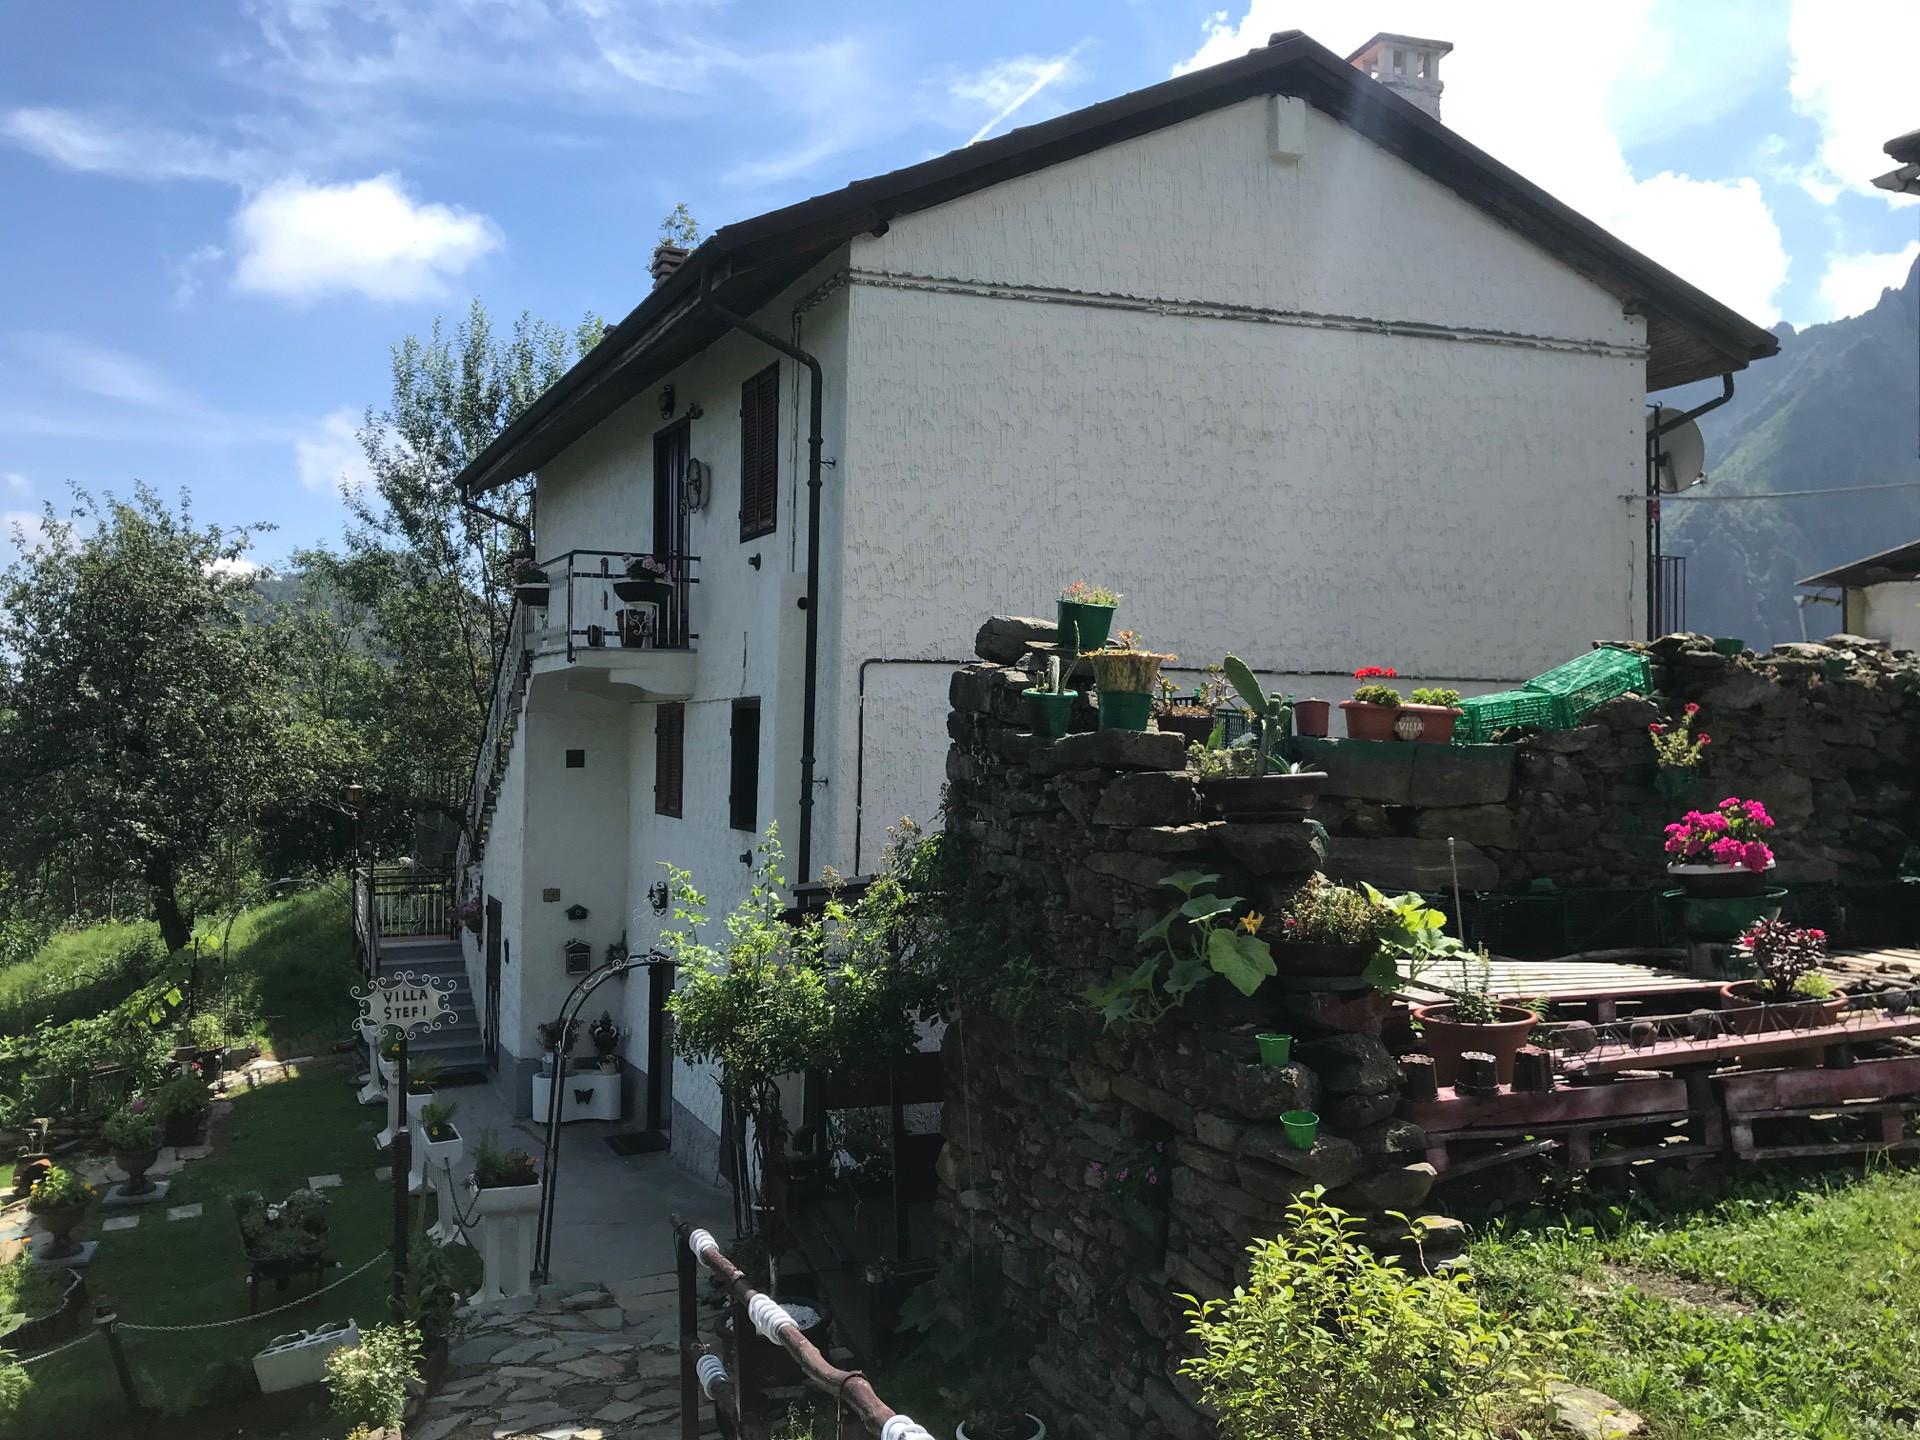 Villa in vendita a Mezzenile, 7 locali, zona Località: VillaInferiore, prezzo € 78.000 | PortaleAgenzieImmobiliari.it